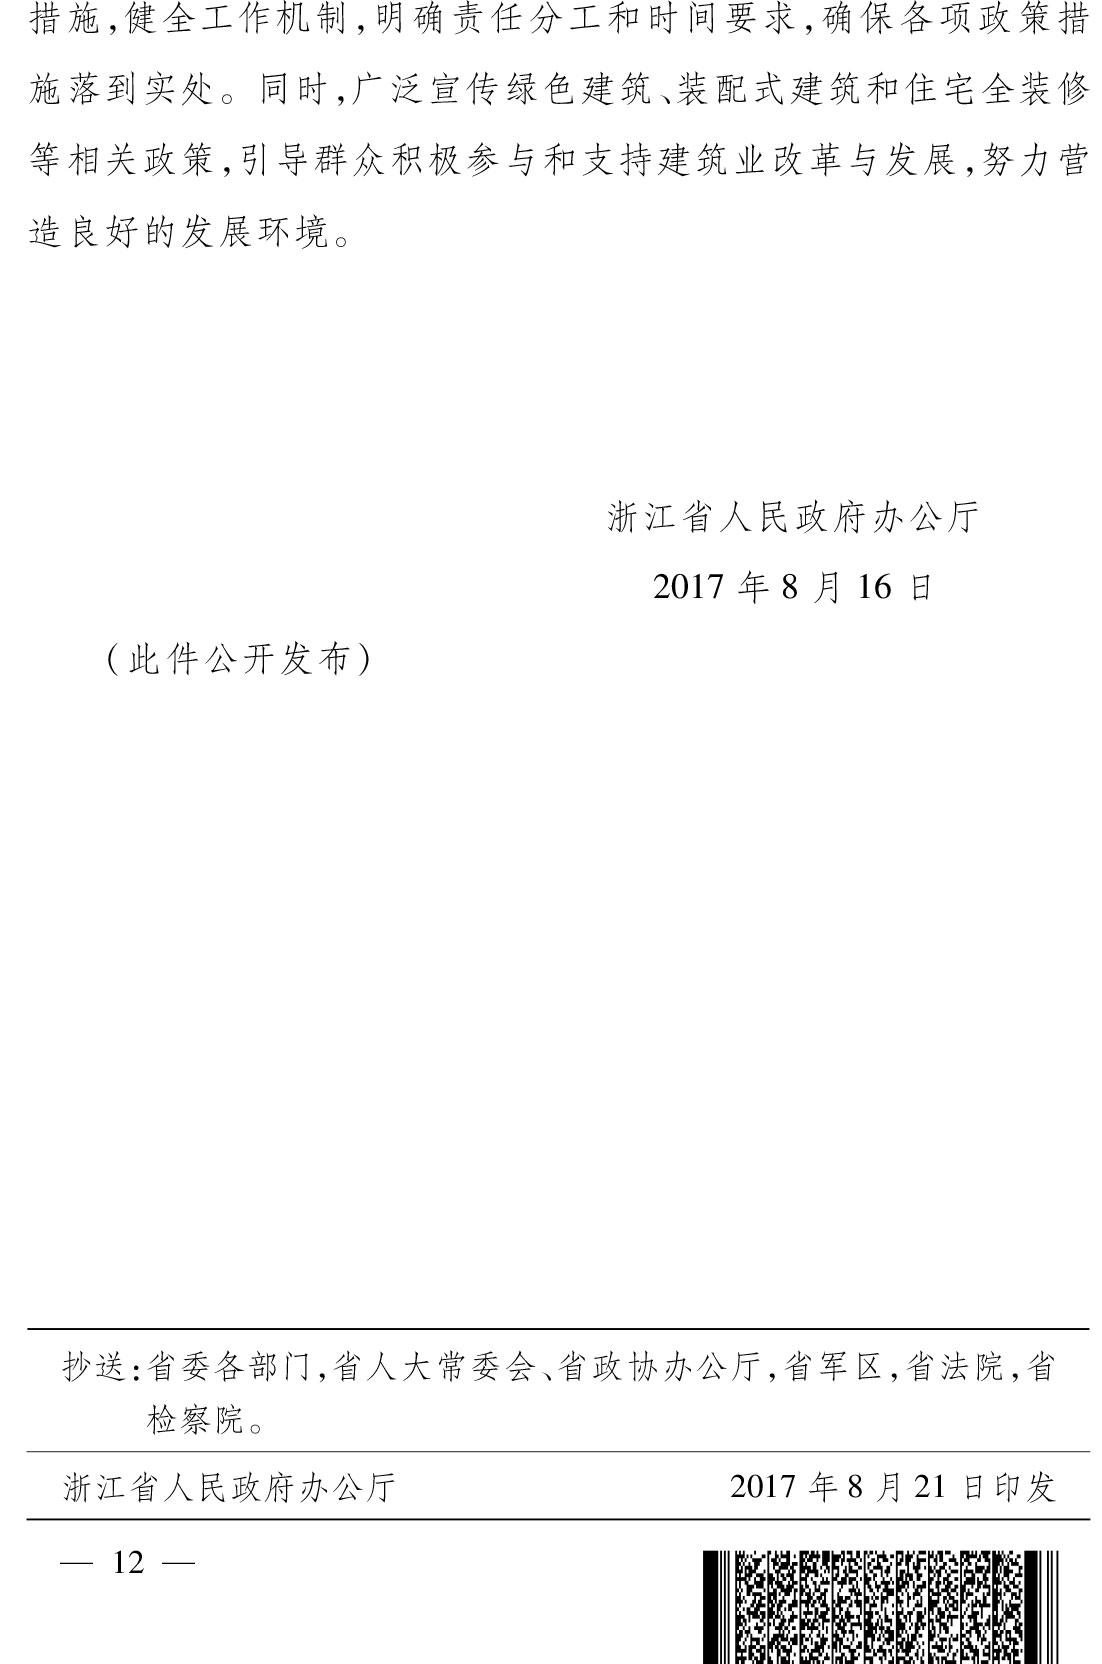 关于加快建筑业改革与发展的实施意见-12.jpg